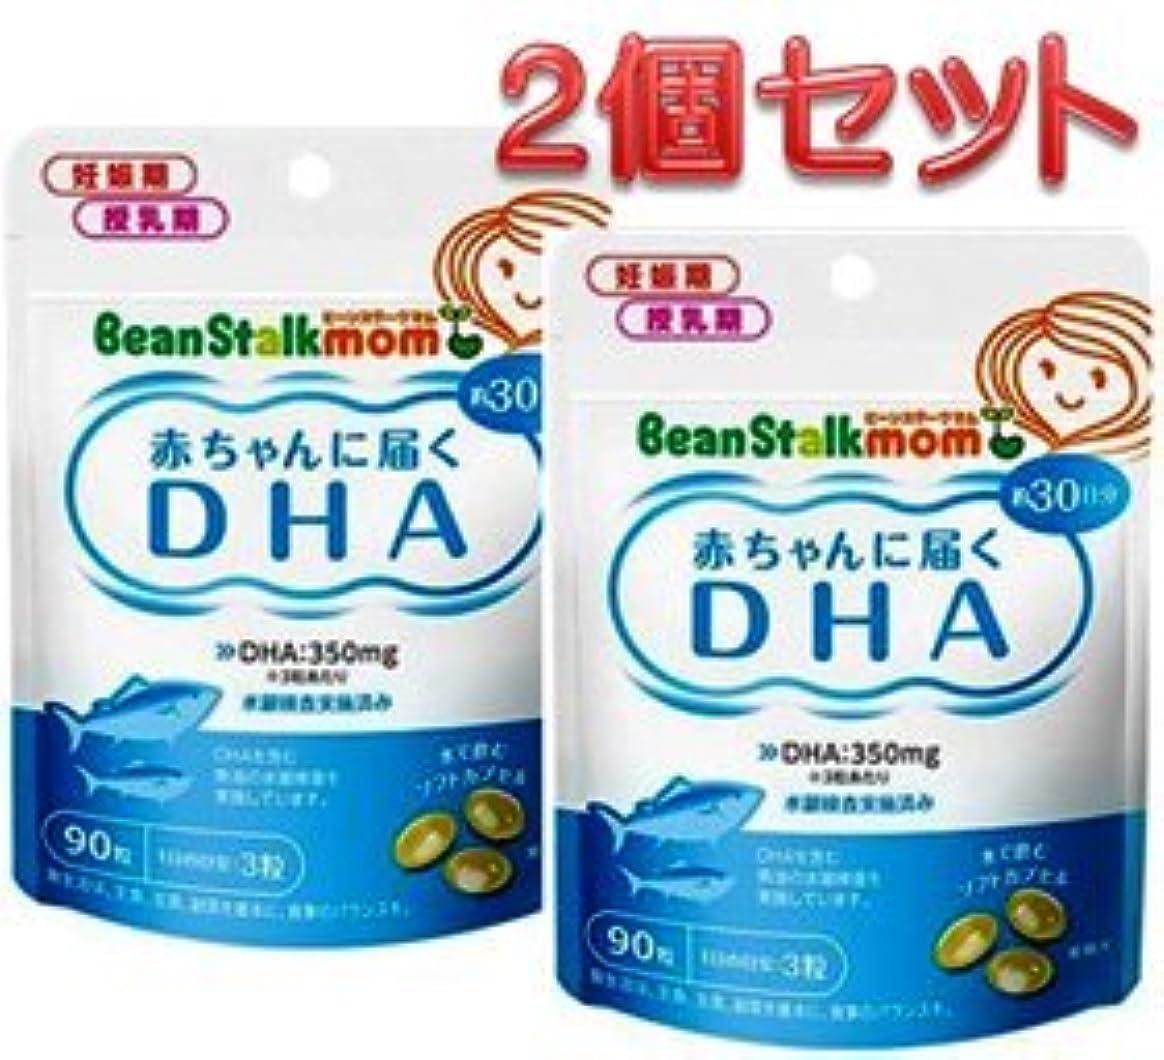 給料ストレス連合ビーンスターク?スノー ビーンスタークマム 母乳にいいもの赤ちゃんに届くDHA90粒(30日分) ×2個セット2か月分